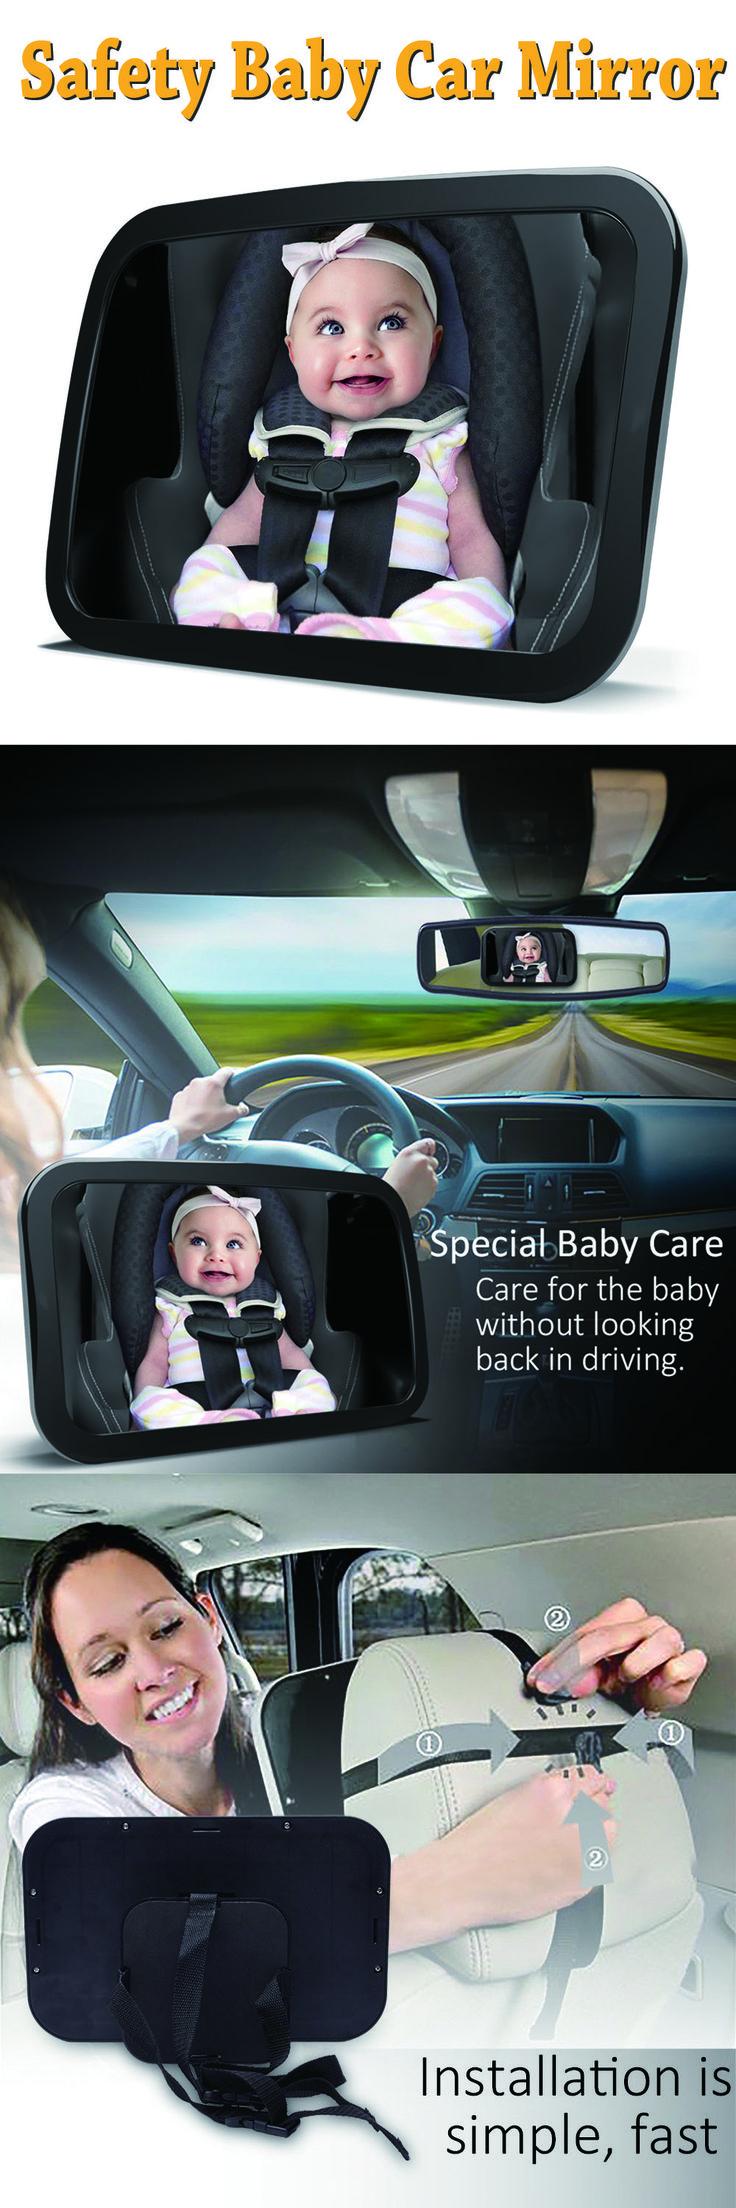 Espejo de coche de bebé de seguridad para el asiento trasero, actualizado a gran altura y establo trasero frente a asiento de coche Bebé a la vista Shatterproof espejo con paño de limpieza